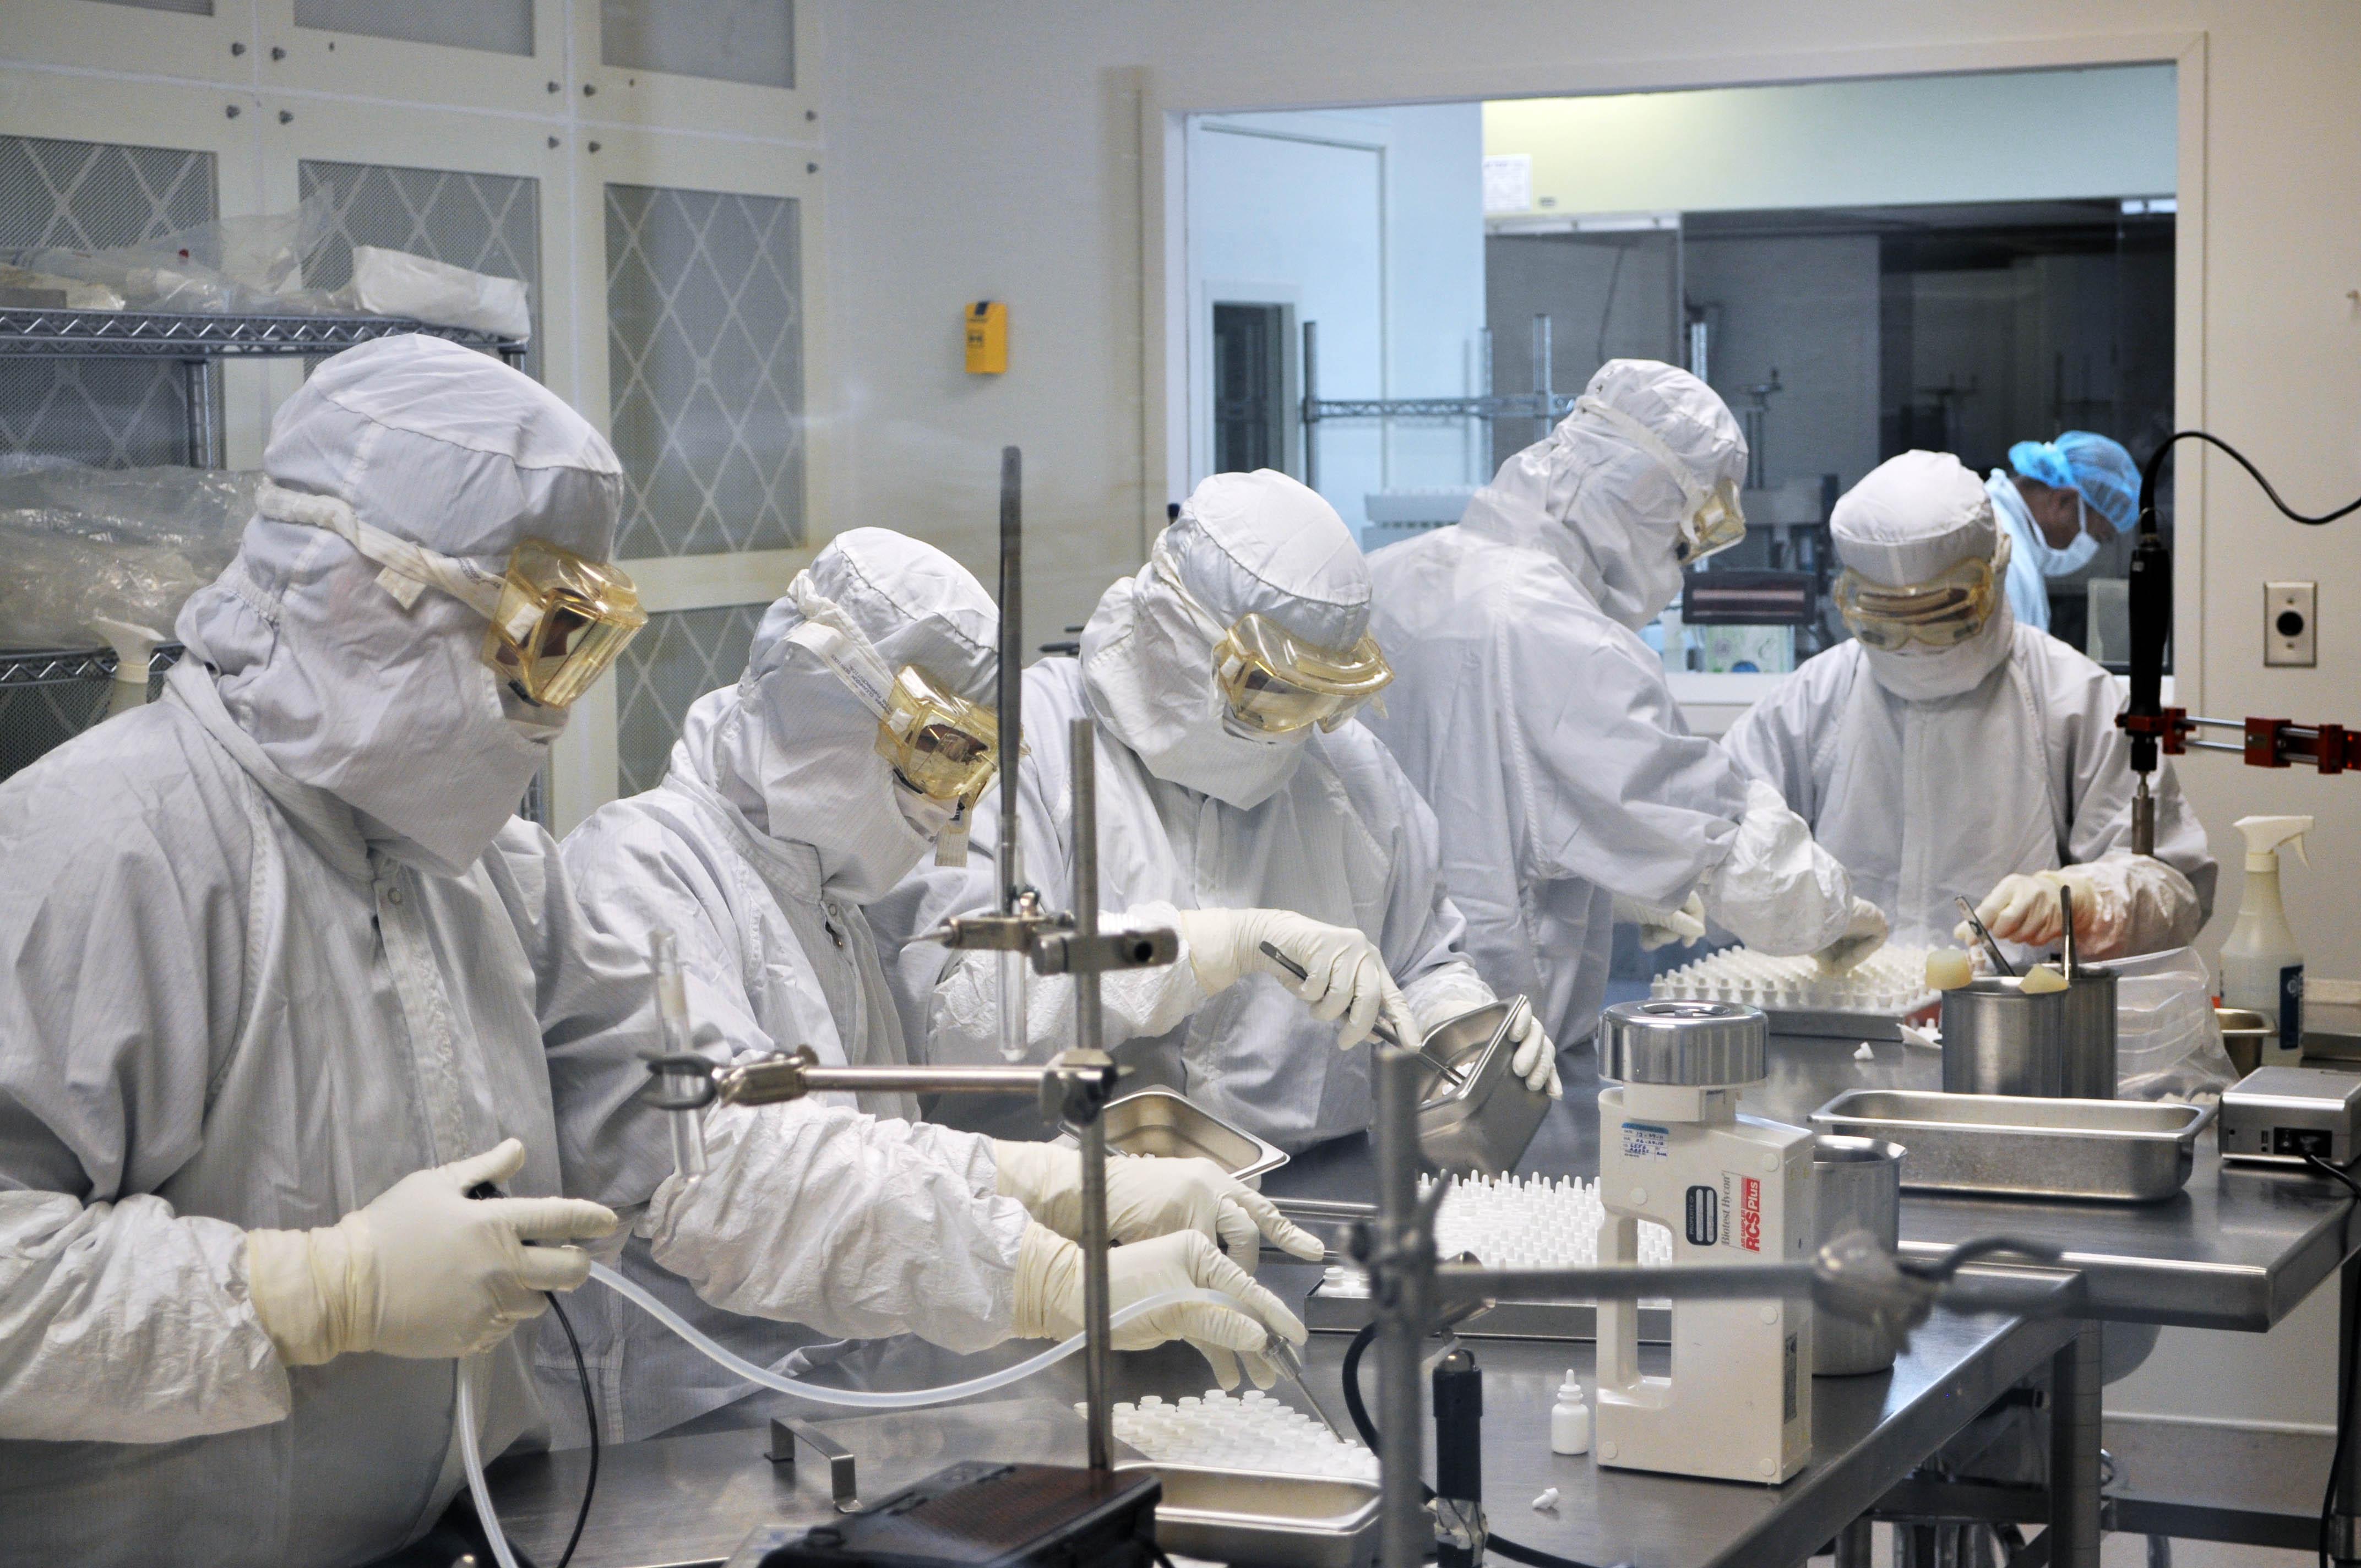 Δημιουργήθηκε ανθρώπινο ήπαρ στο εργαστήριο! thumbnail